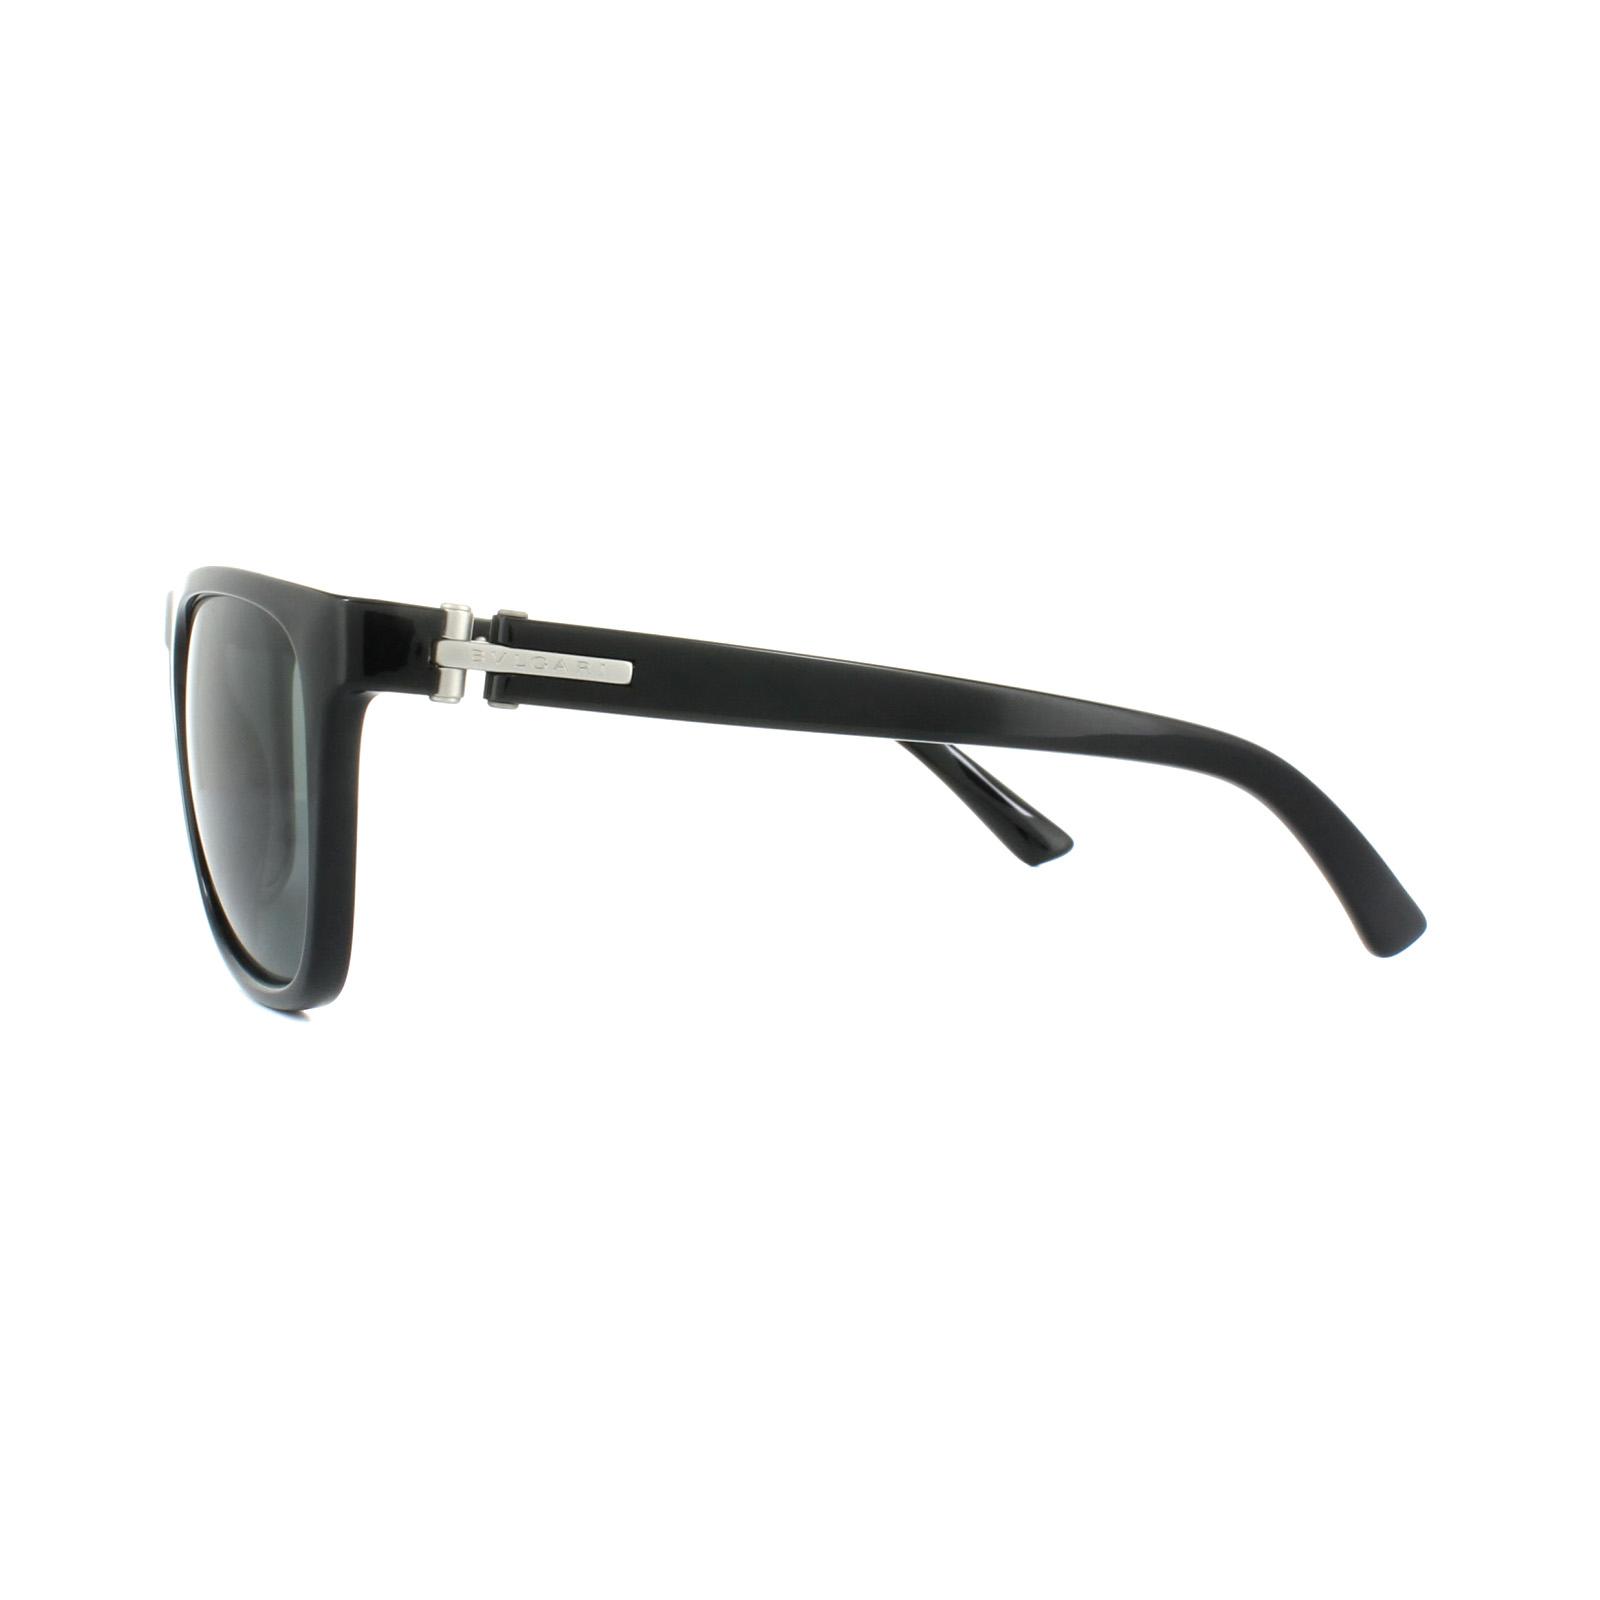 Bvlgari Sunglasses 7020 901 87 Black Grey 8053672257380   eBay fe53a317dd